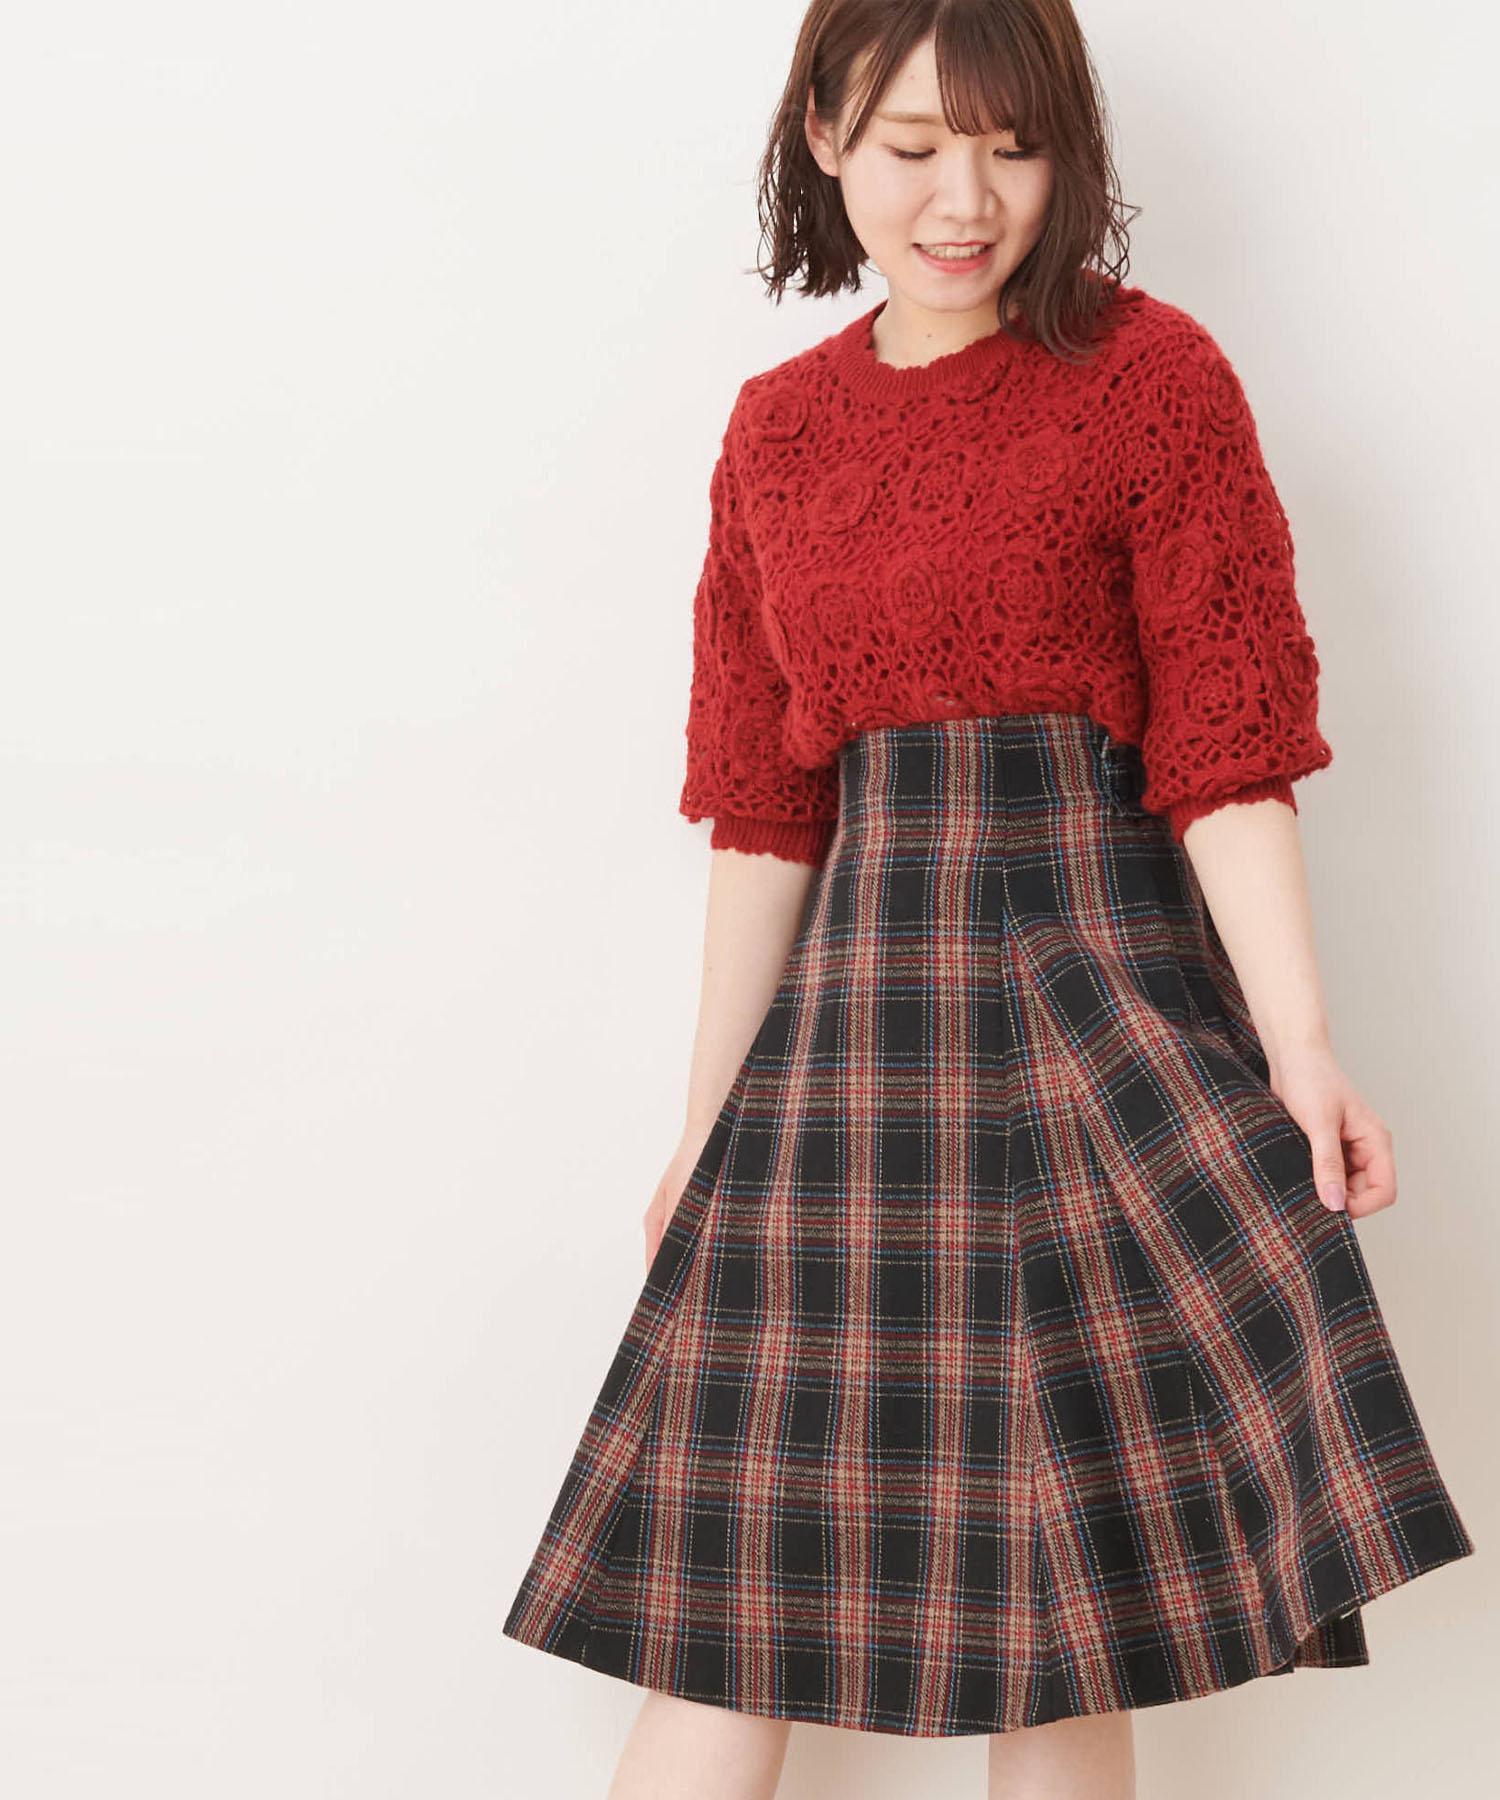 【CanCam/non-no掲載】ウールチェックフレアースカート